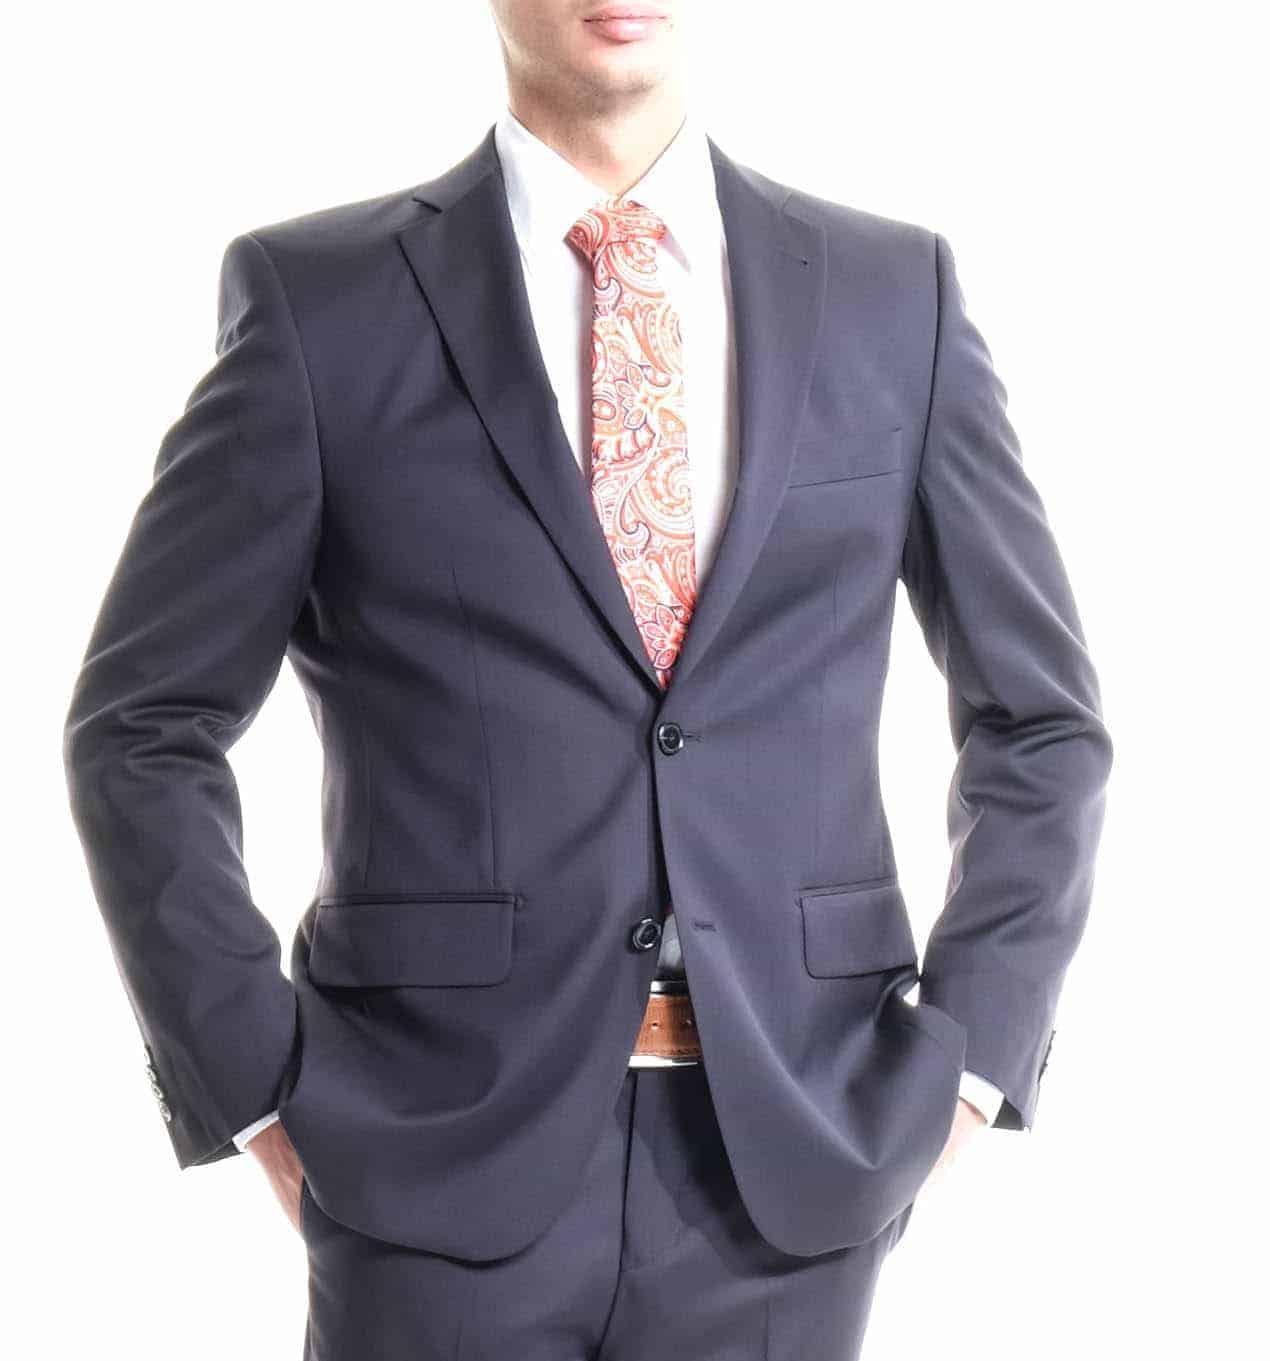 online retailer 96e7a 400bd Anzug F.LLI CERRUTI dunkelblau von DietmarHaas, Regular-Fit, reine Super  130 Schurwolle, Baukasten-Anzug, klassischer Business-Anzug, Fabric Made in  ...